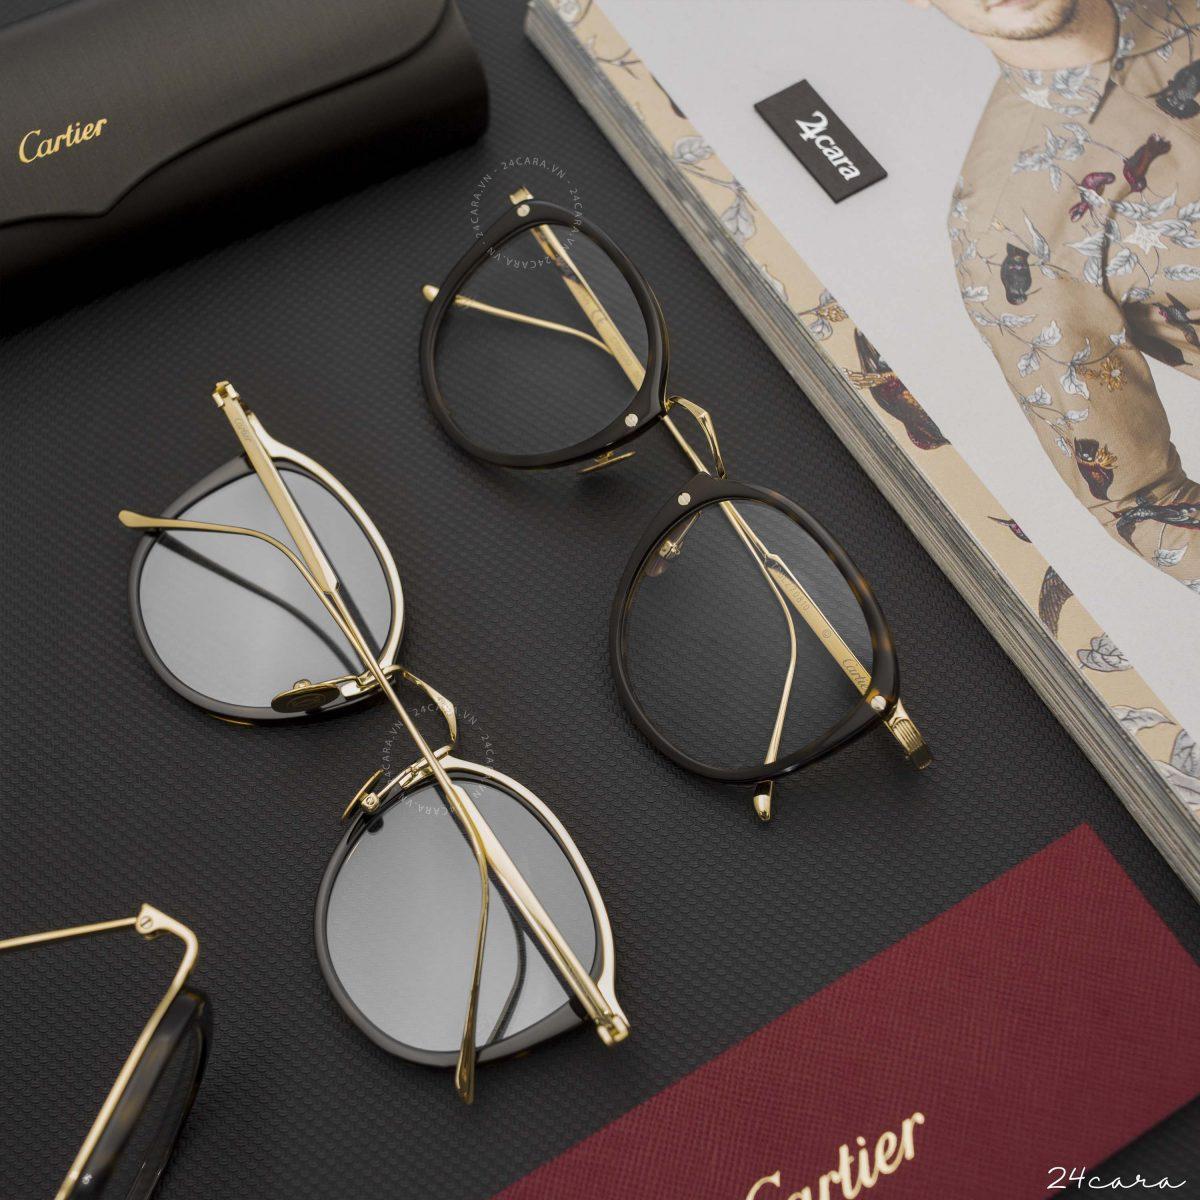 Bán kính Cartier authentic made in France - giảm giá lên đến 29%